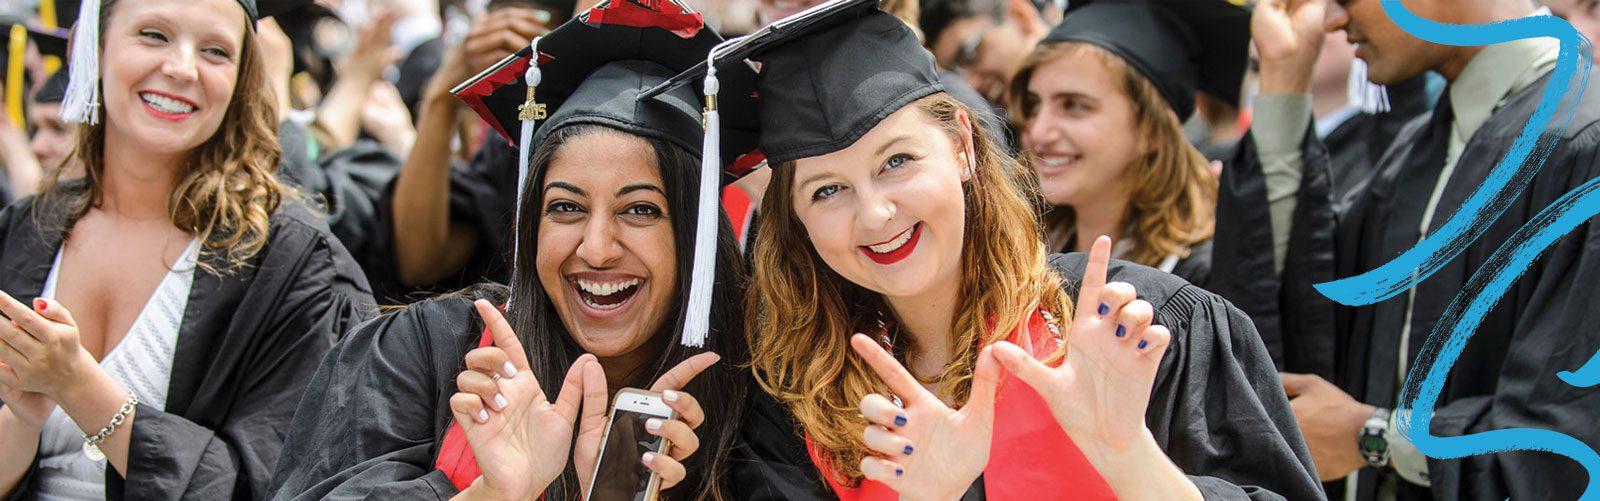 Happy UW graduates